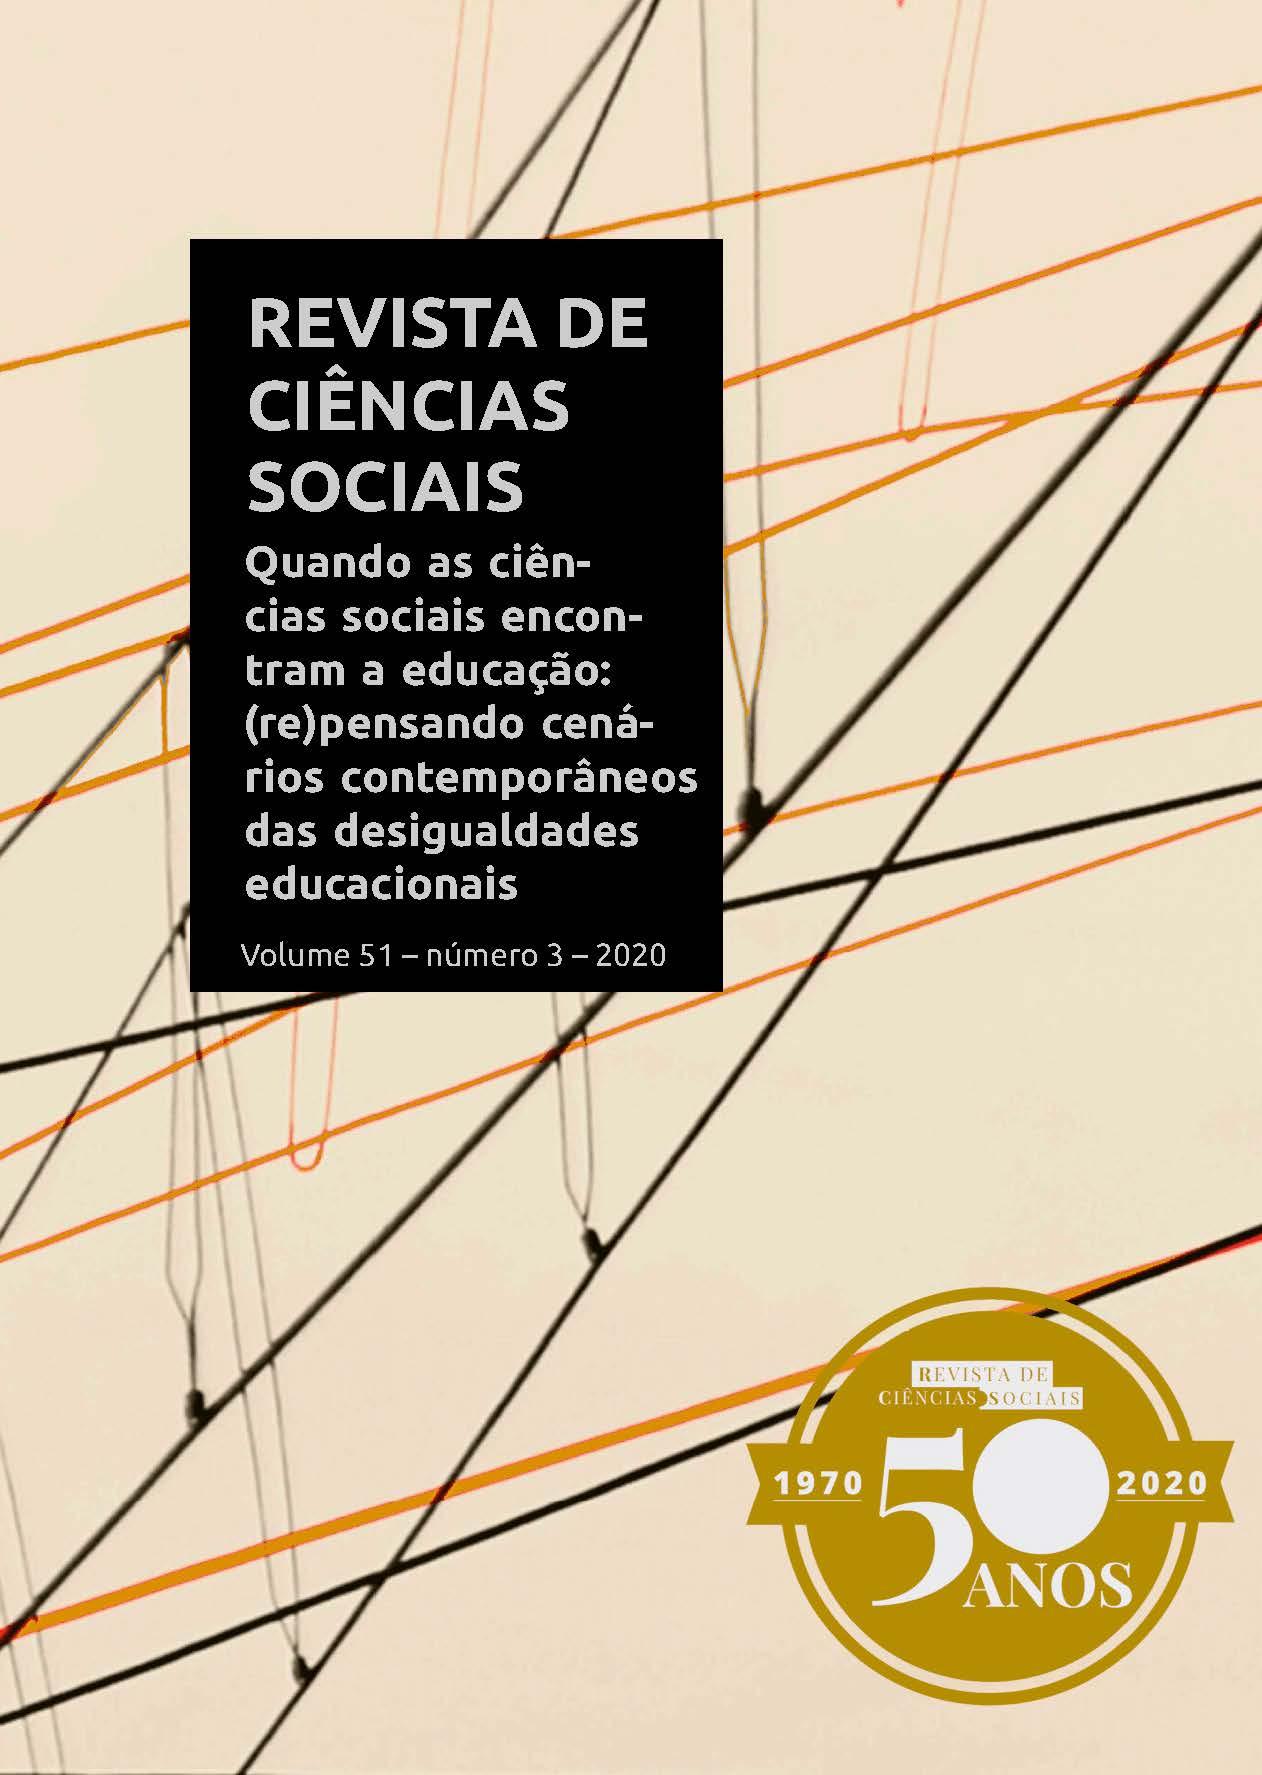 Revista de Ciências Sociais - Dossiê Educação